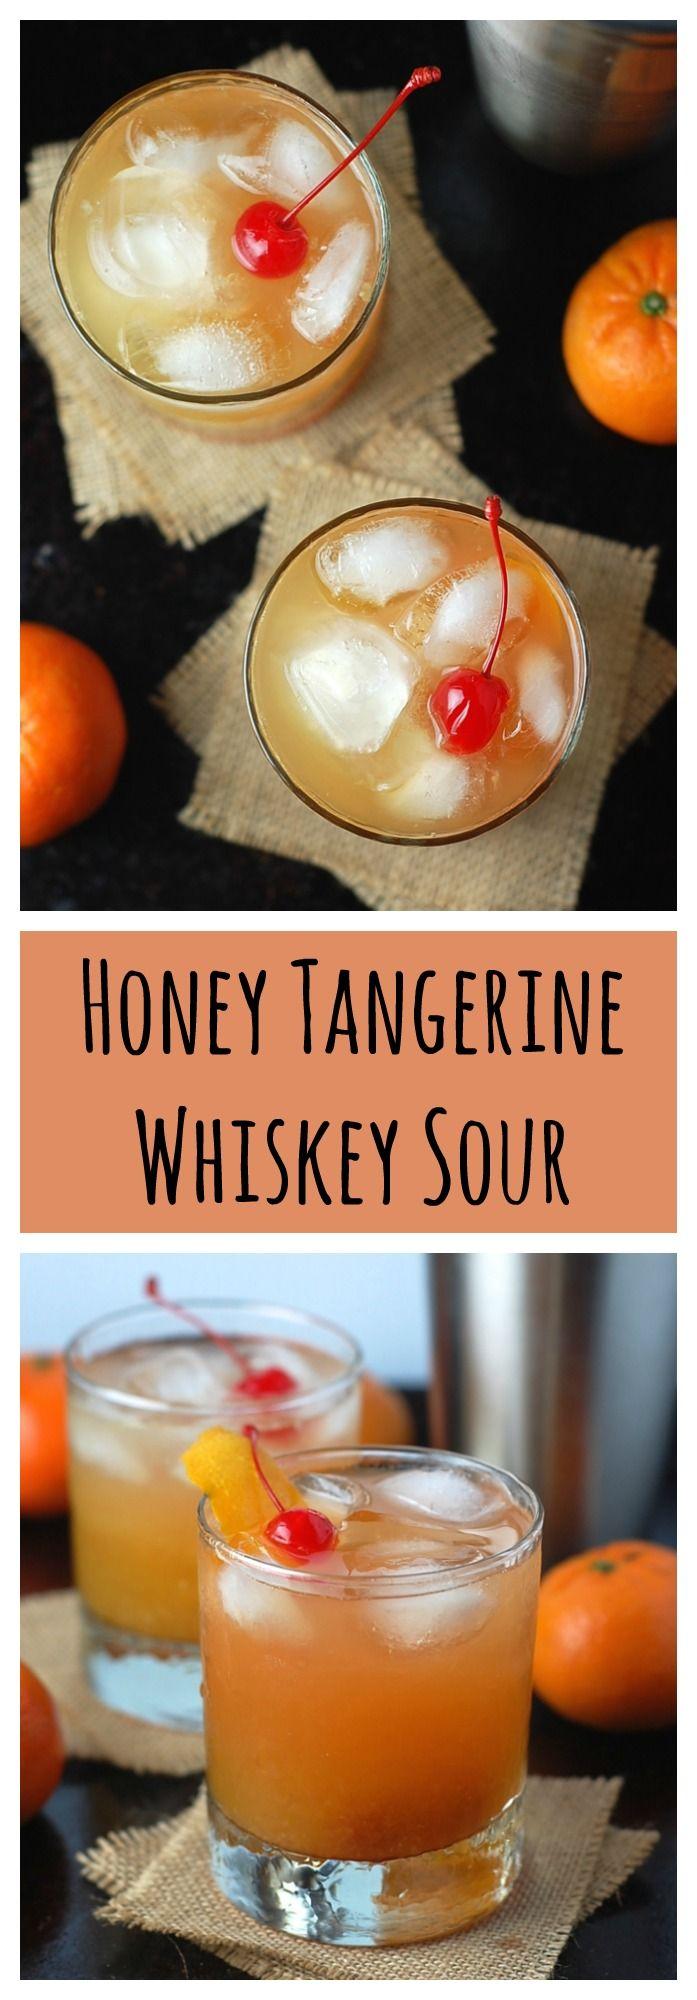 Honey Tangerine Whiskey Sours